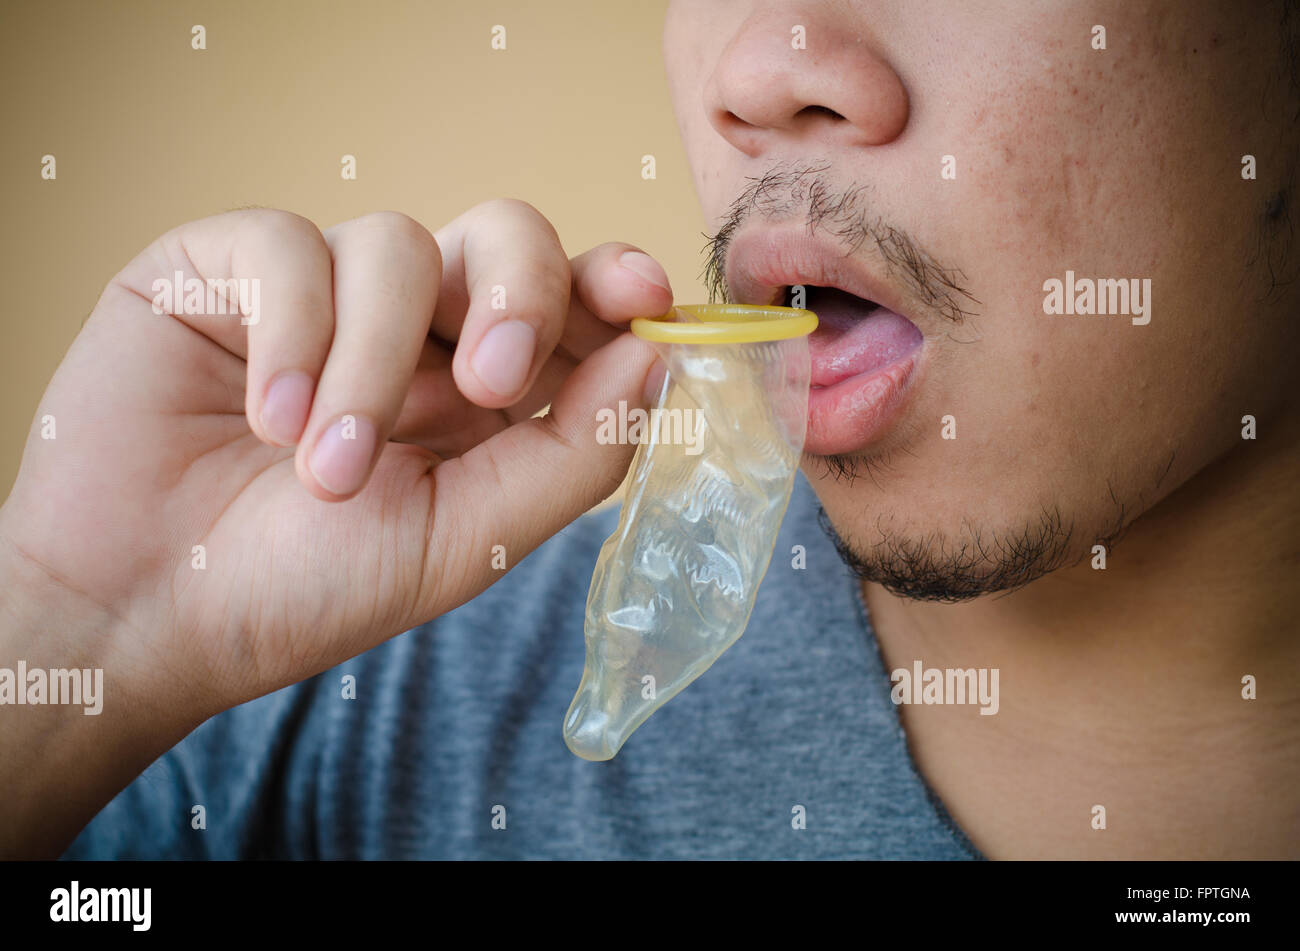 что ты, видео пьет сперму из презерватива попросту отобьет, даже